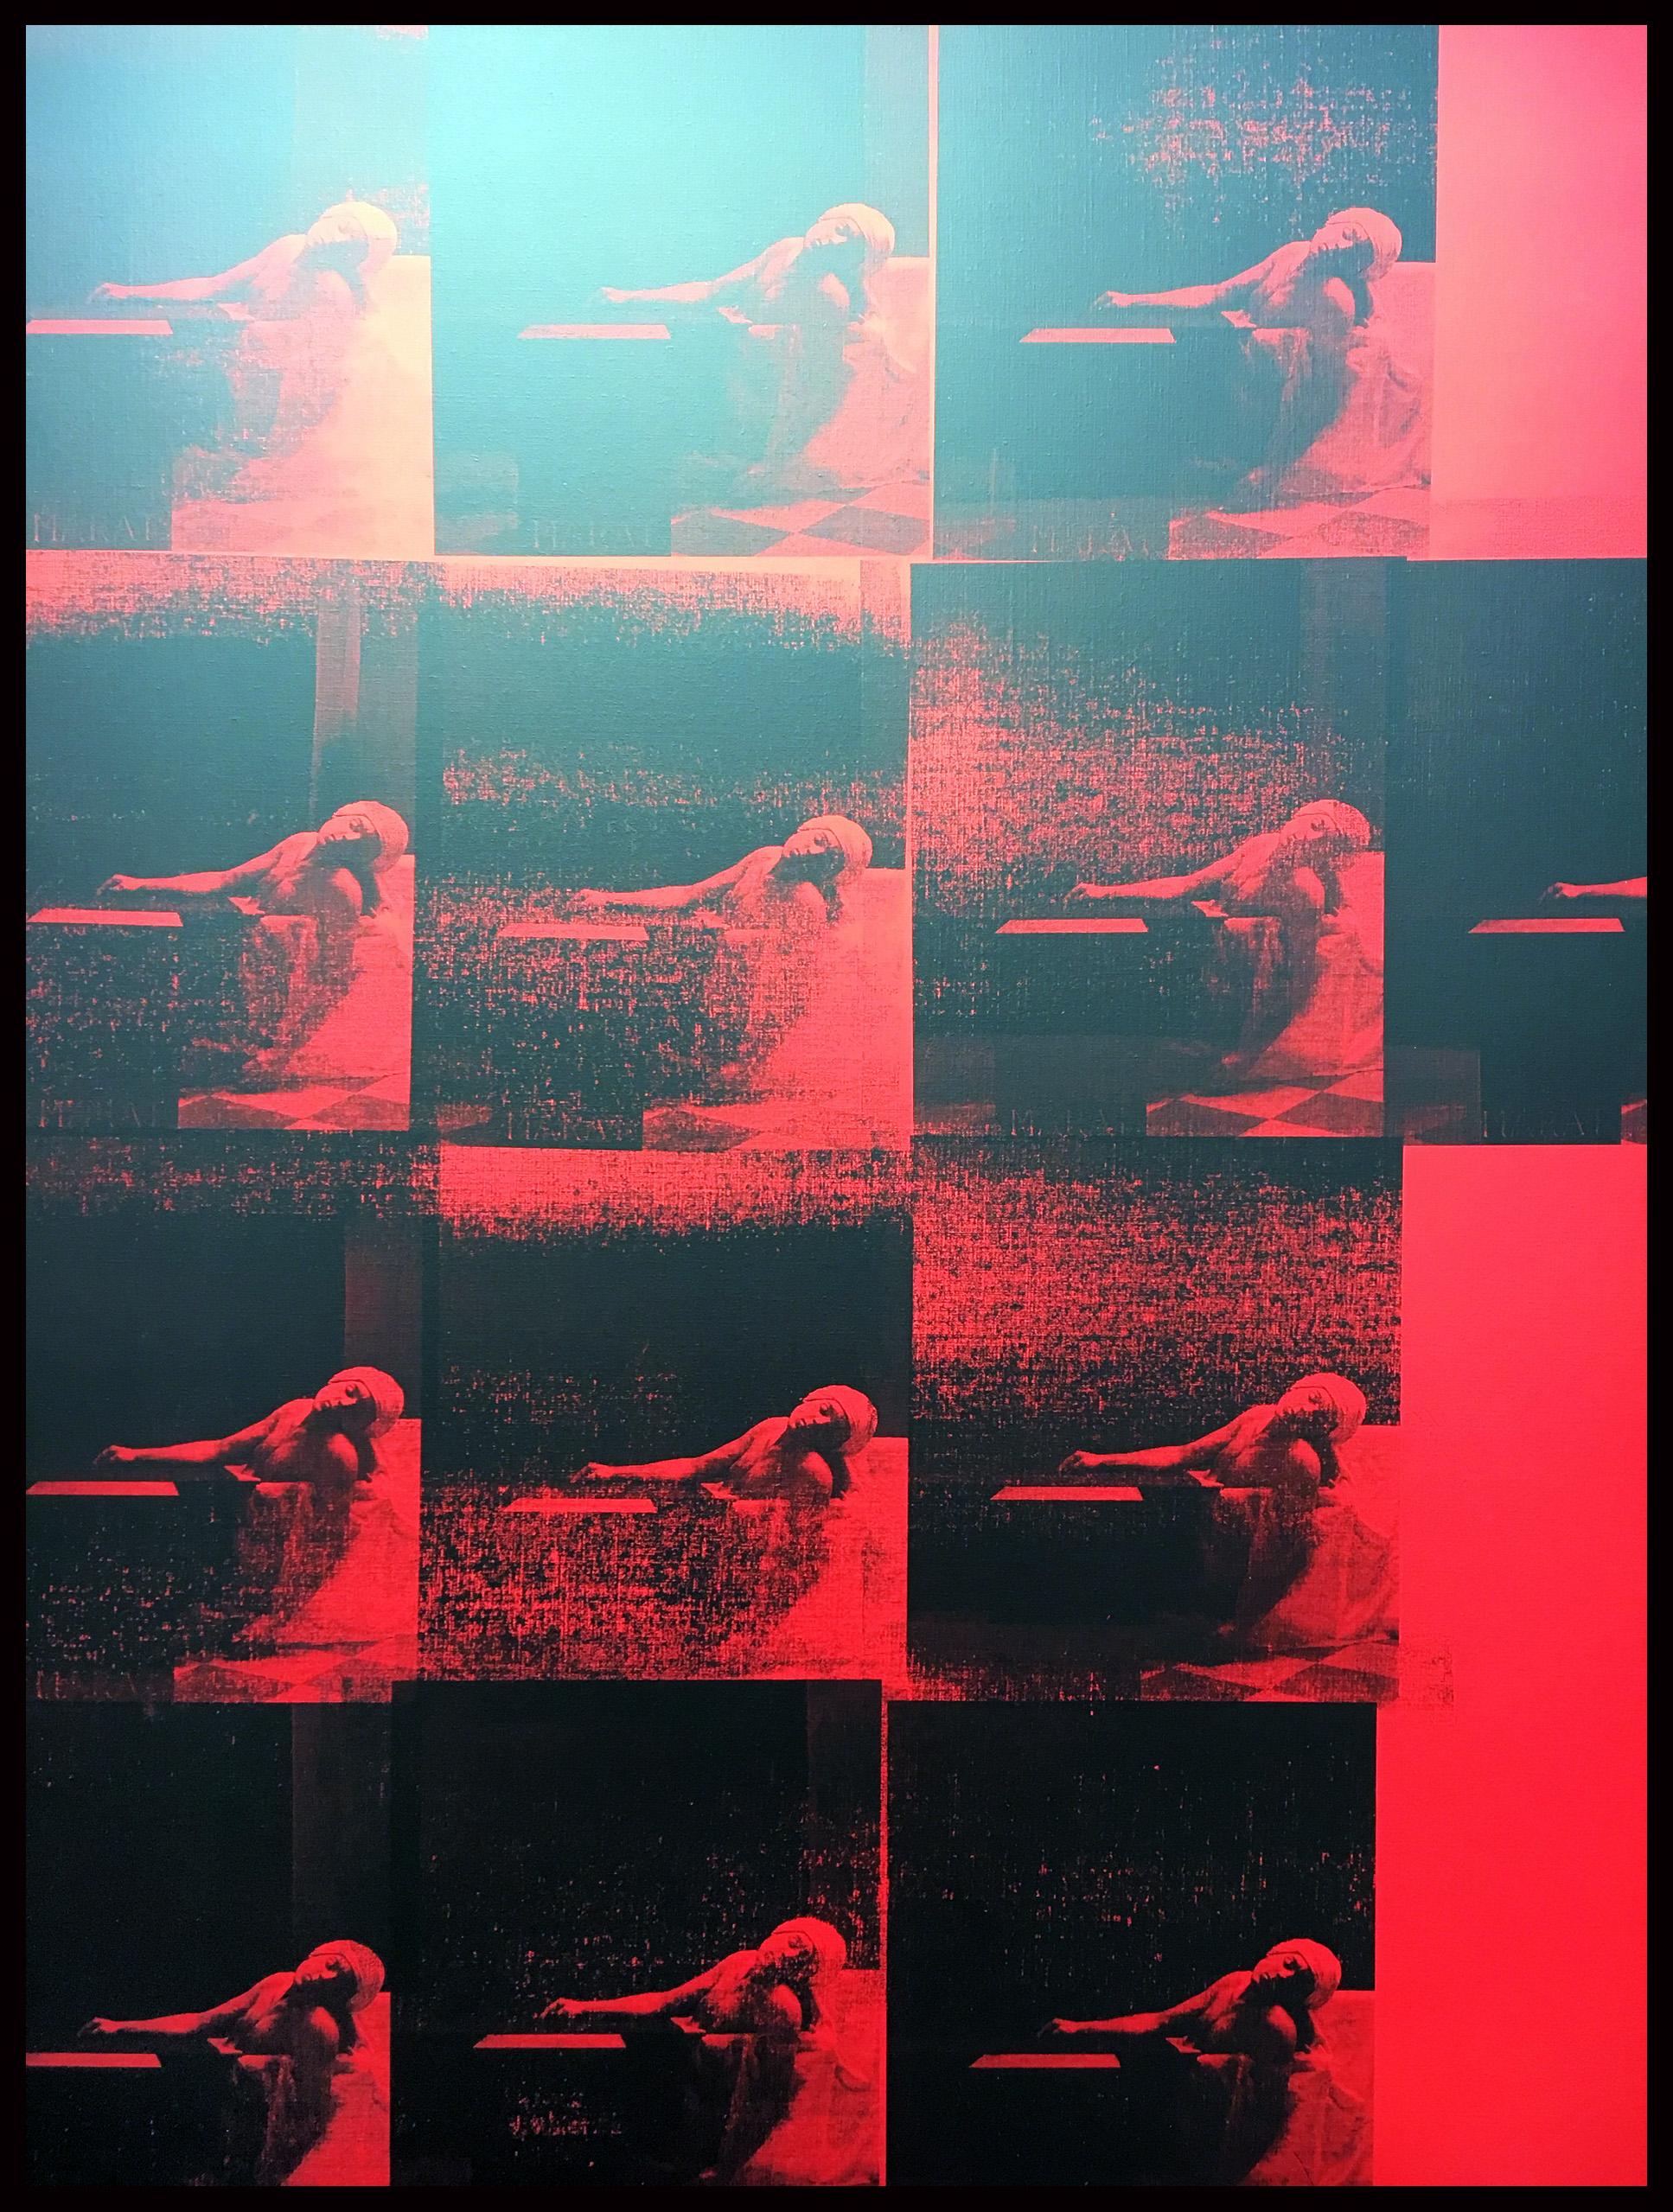 red_marat_gavin-turk_galerie-kinzinger_vienna_@loeildoliv